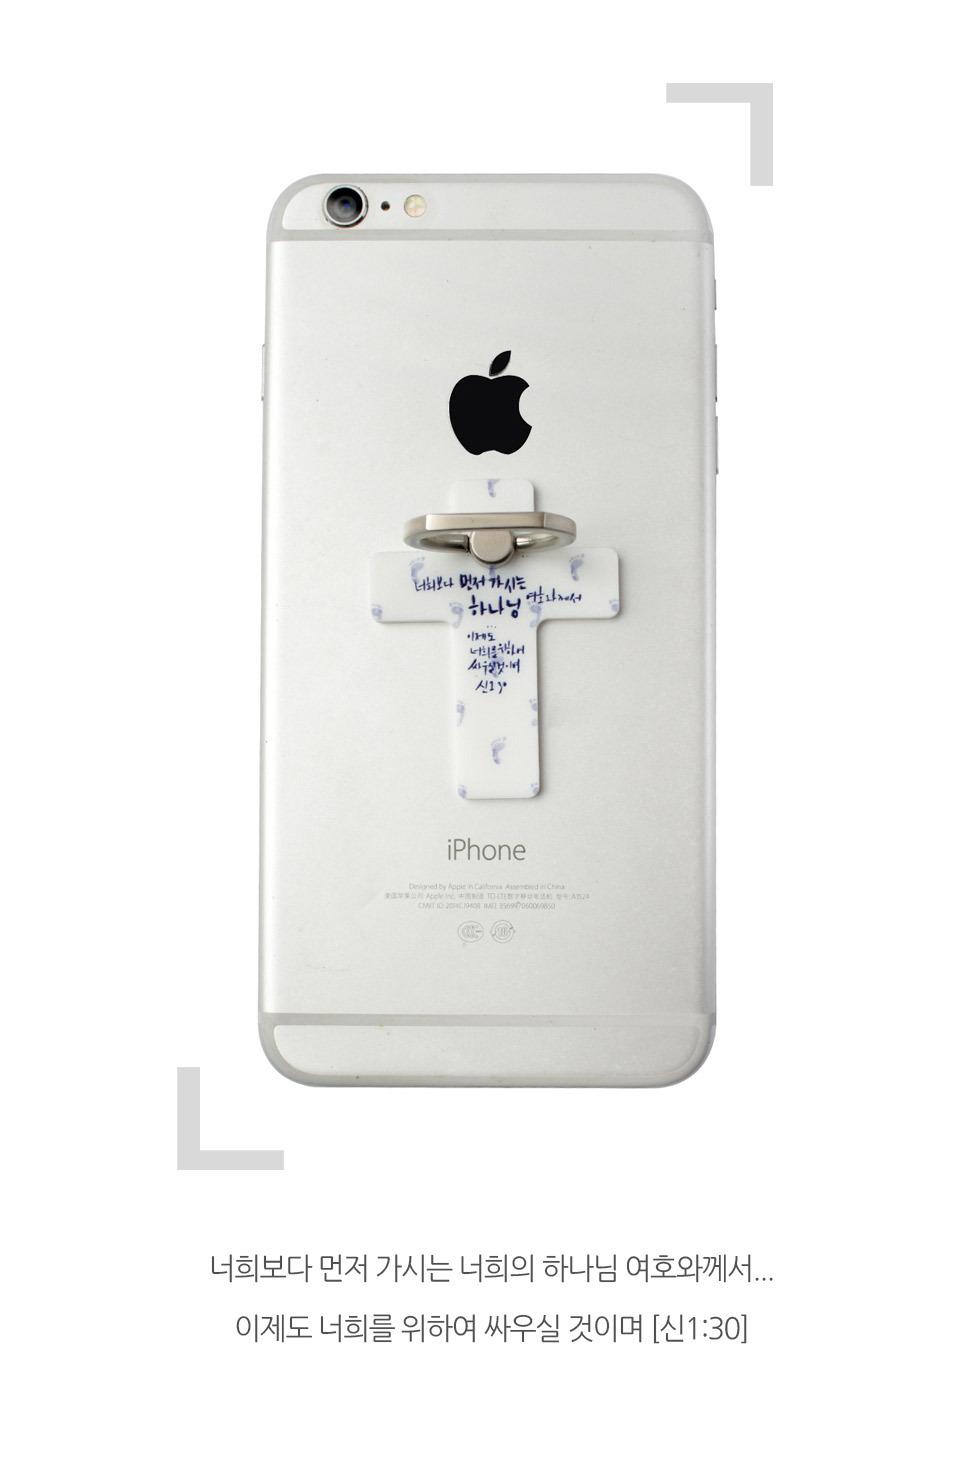 스마트폰 거치대 십자가링 3탄 제품보기2 - 발자국, 먼저 가시는 하나님 사용예